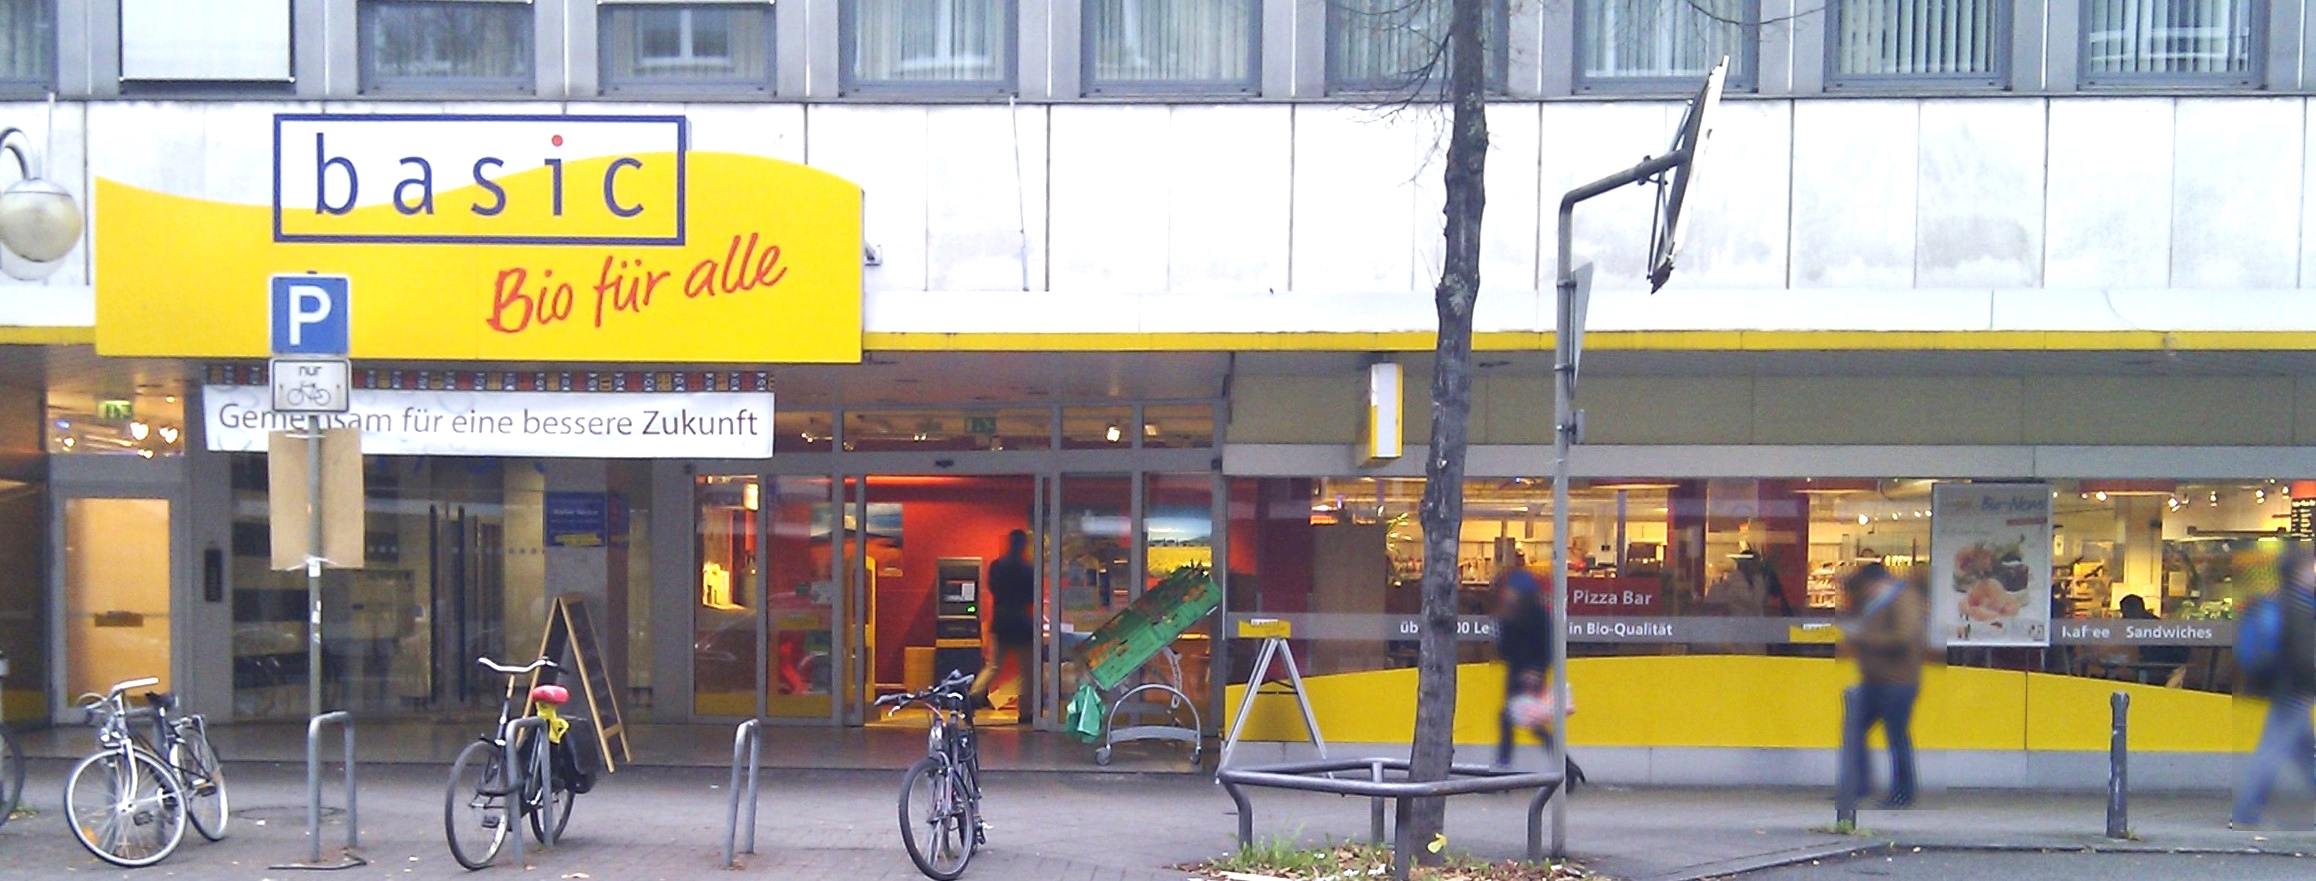 Basic_Bio_Supermarkt_Mannheim_B1